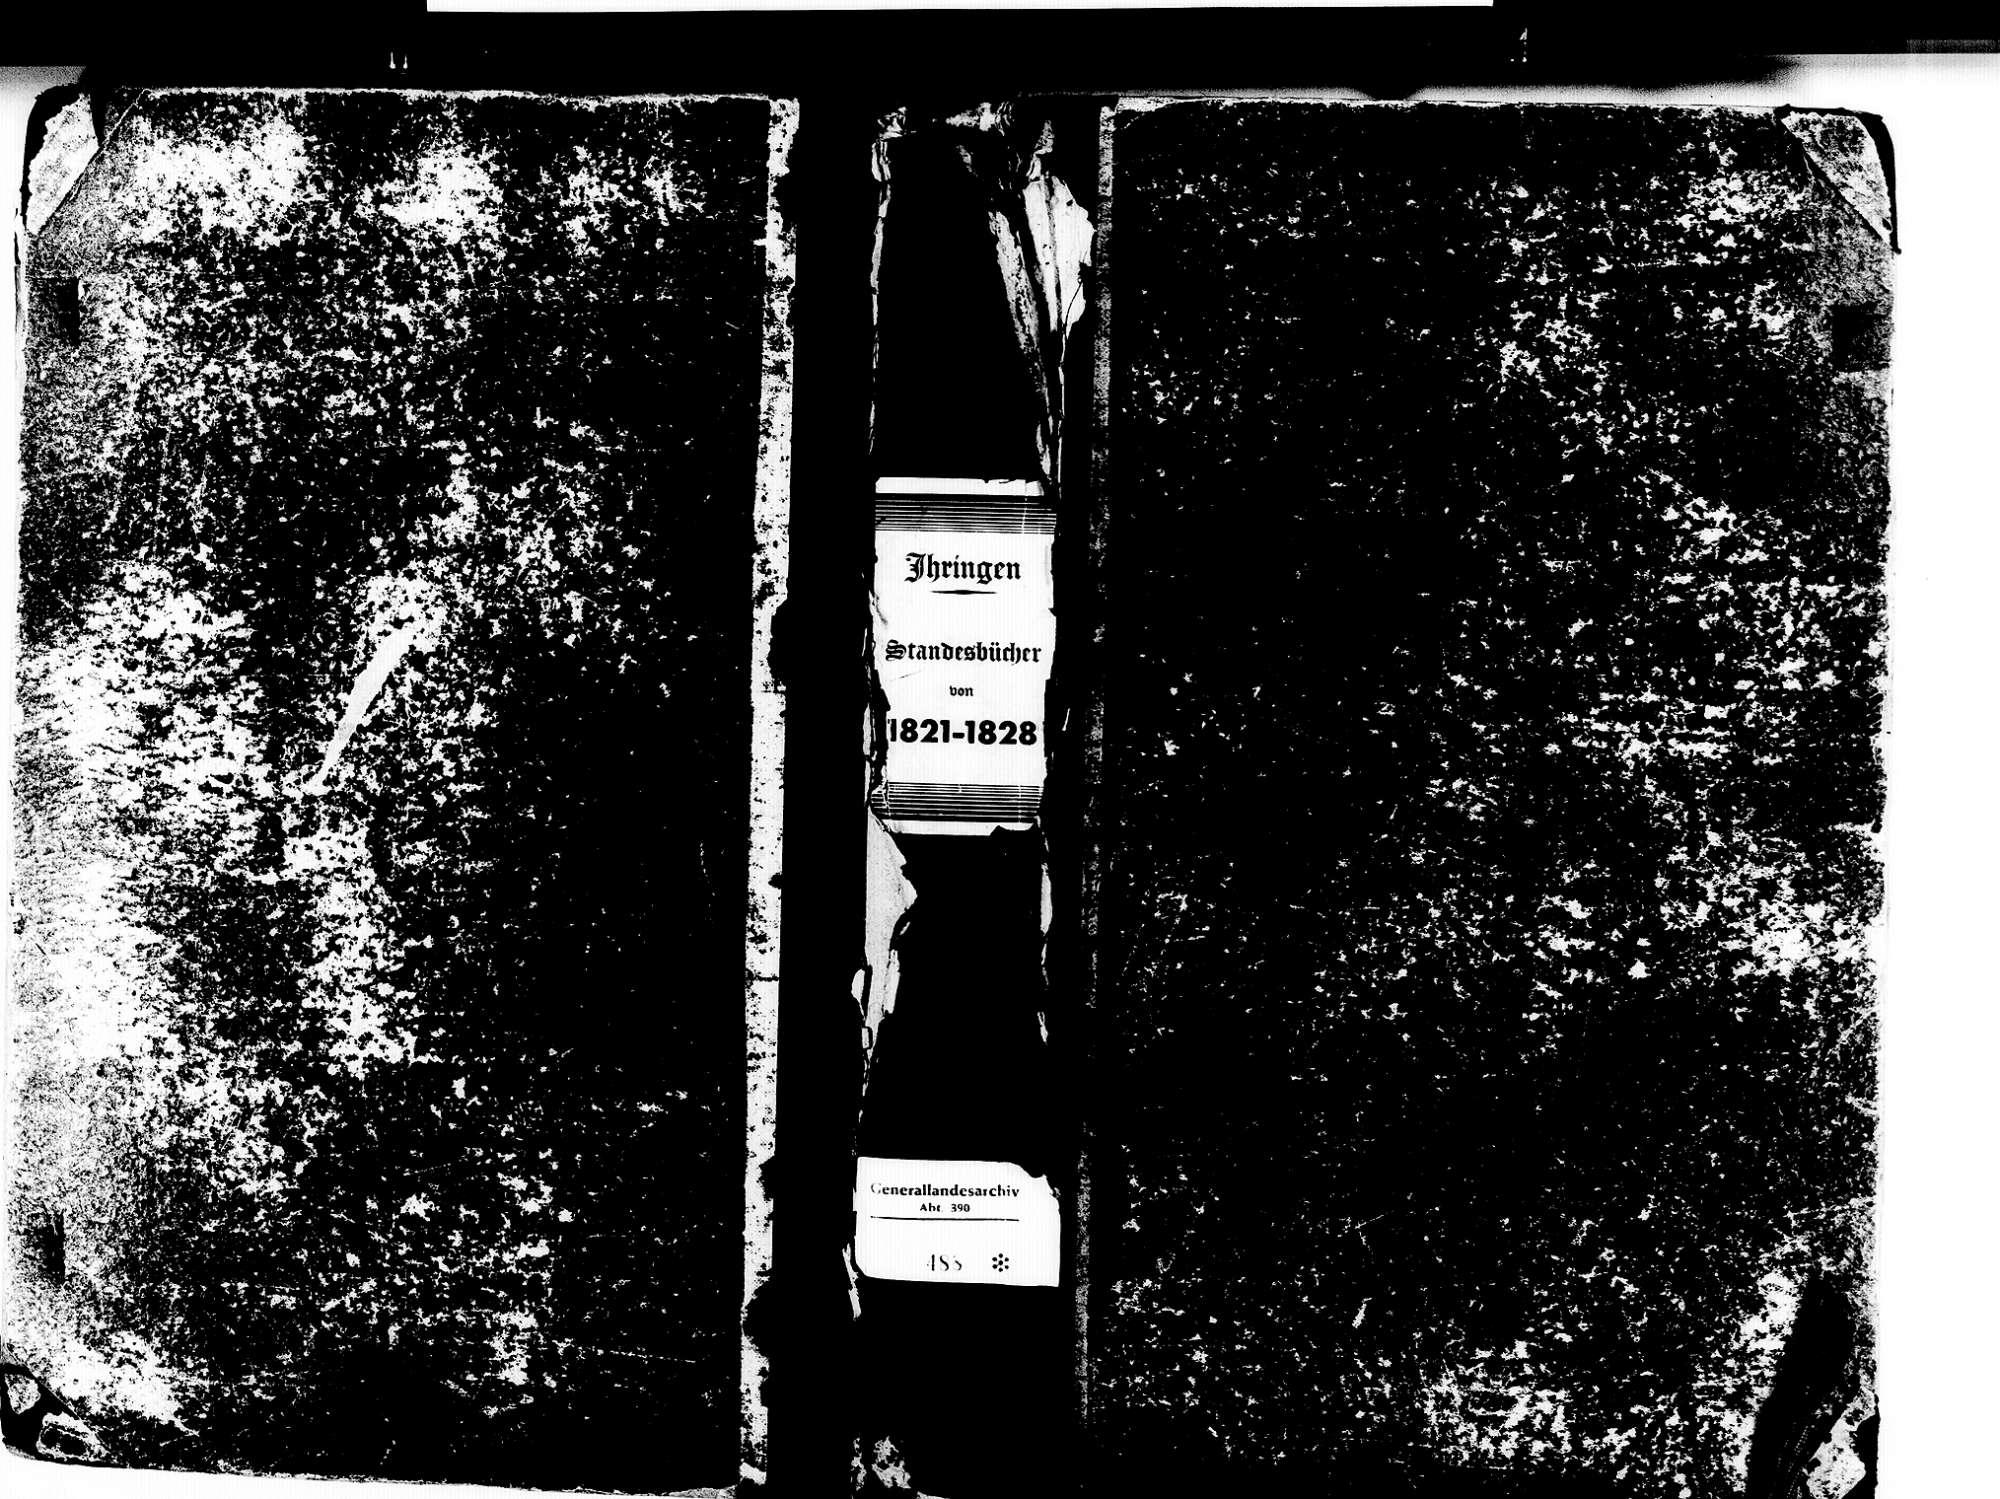 Ihringen FR; Evangelische Gemeinde: Standesbuch 1821-1828 Ihringen FR; Israelitische Gemeinde: Standesbuch 1821-1828, Bild 1